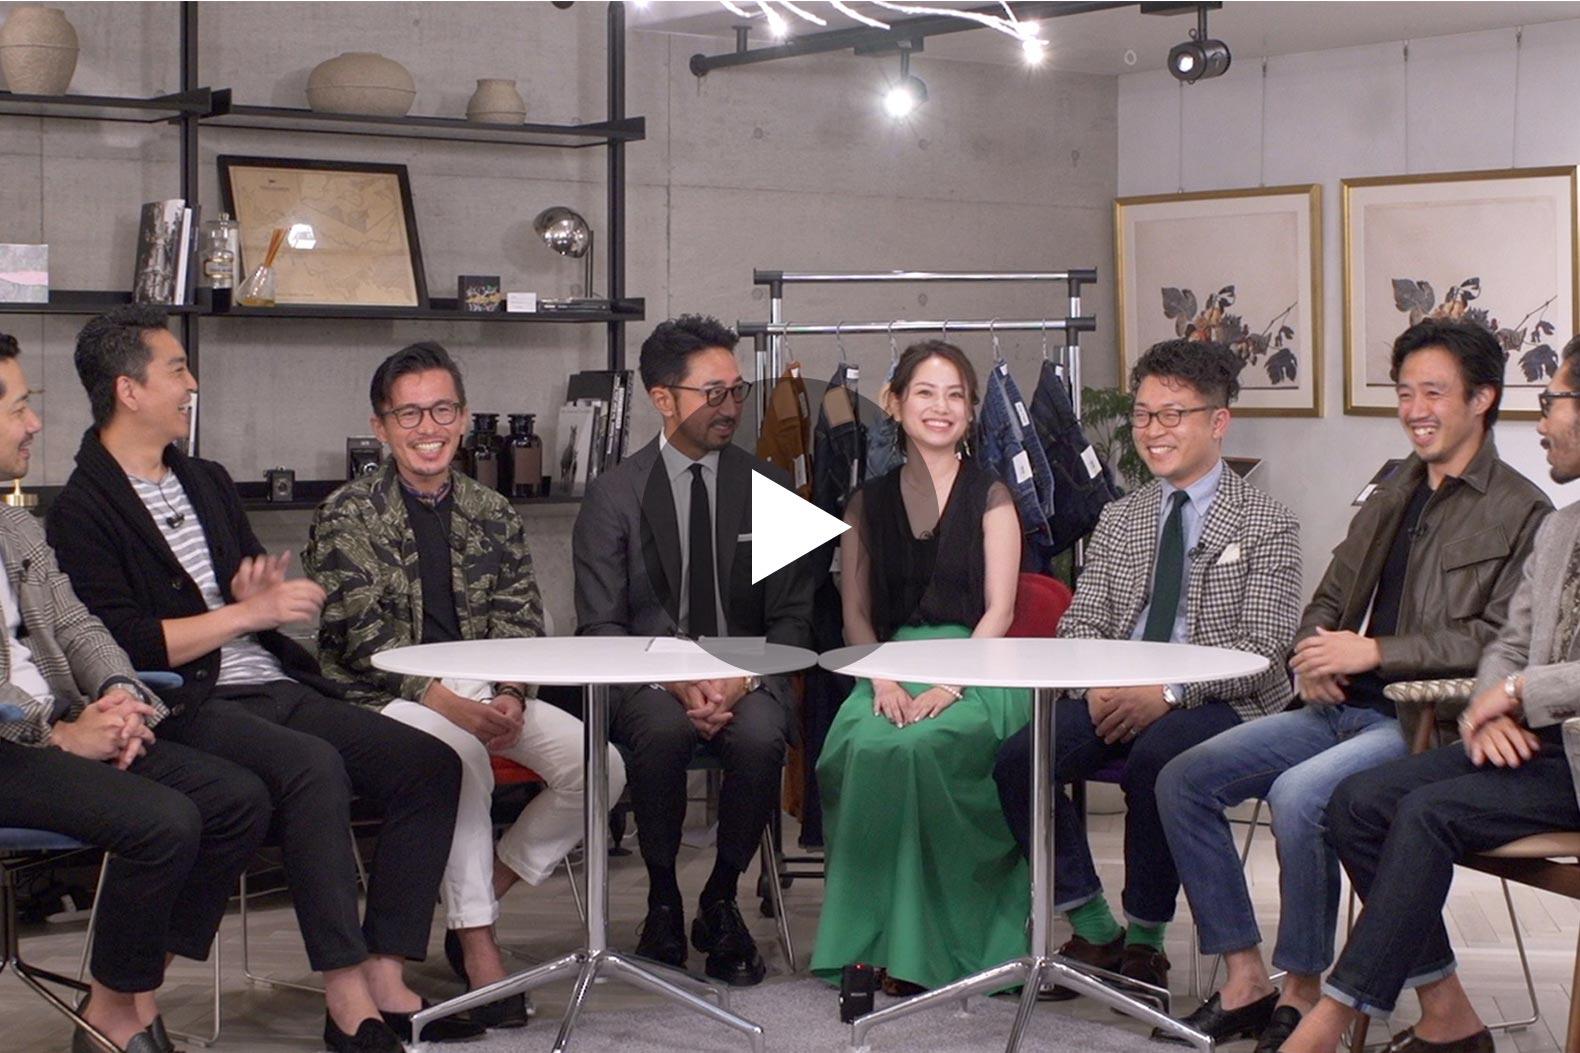 東京の有名バイヤー6人がデニムの着こなしテク披露! 女子も惚れる大人コーデで話題のデニムが秀逸